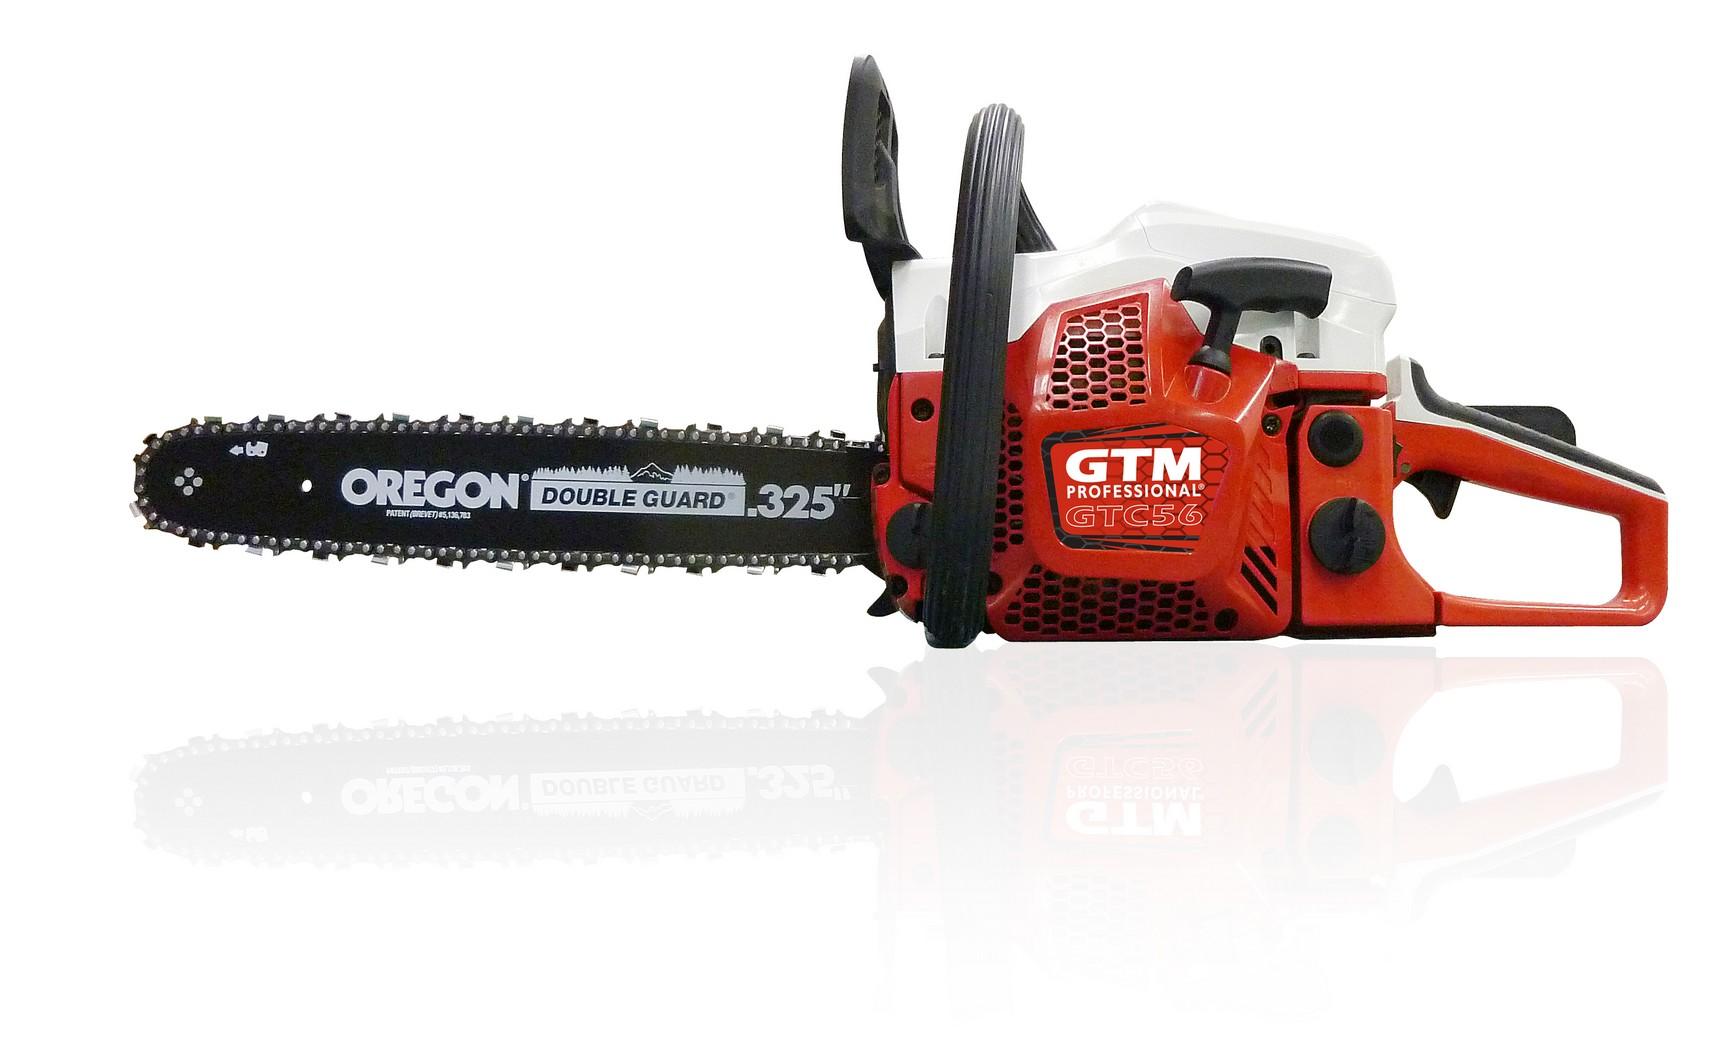 GTM GTC 56